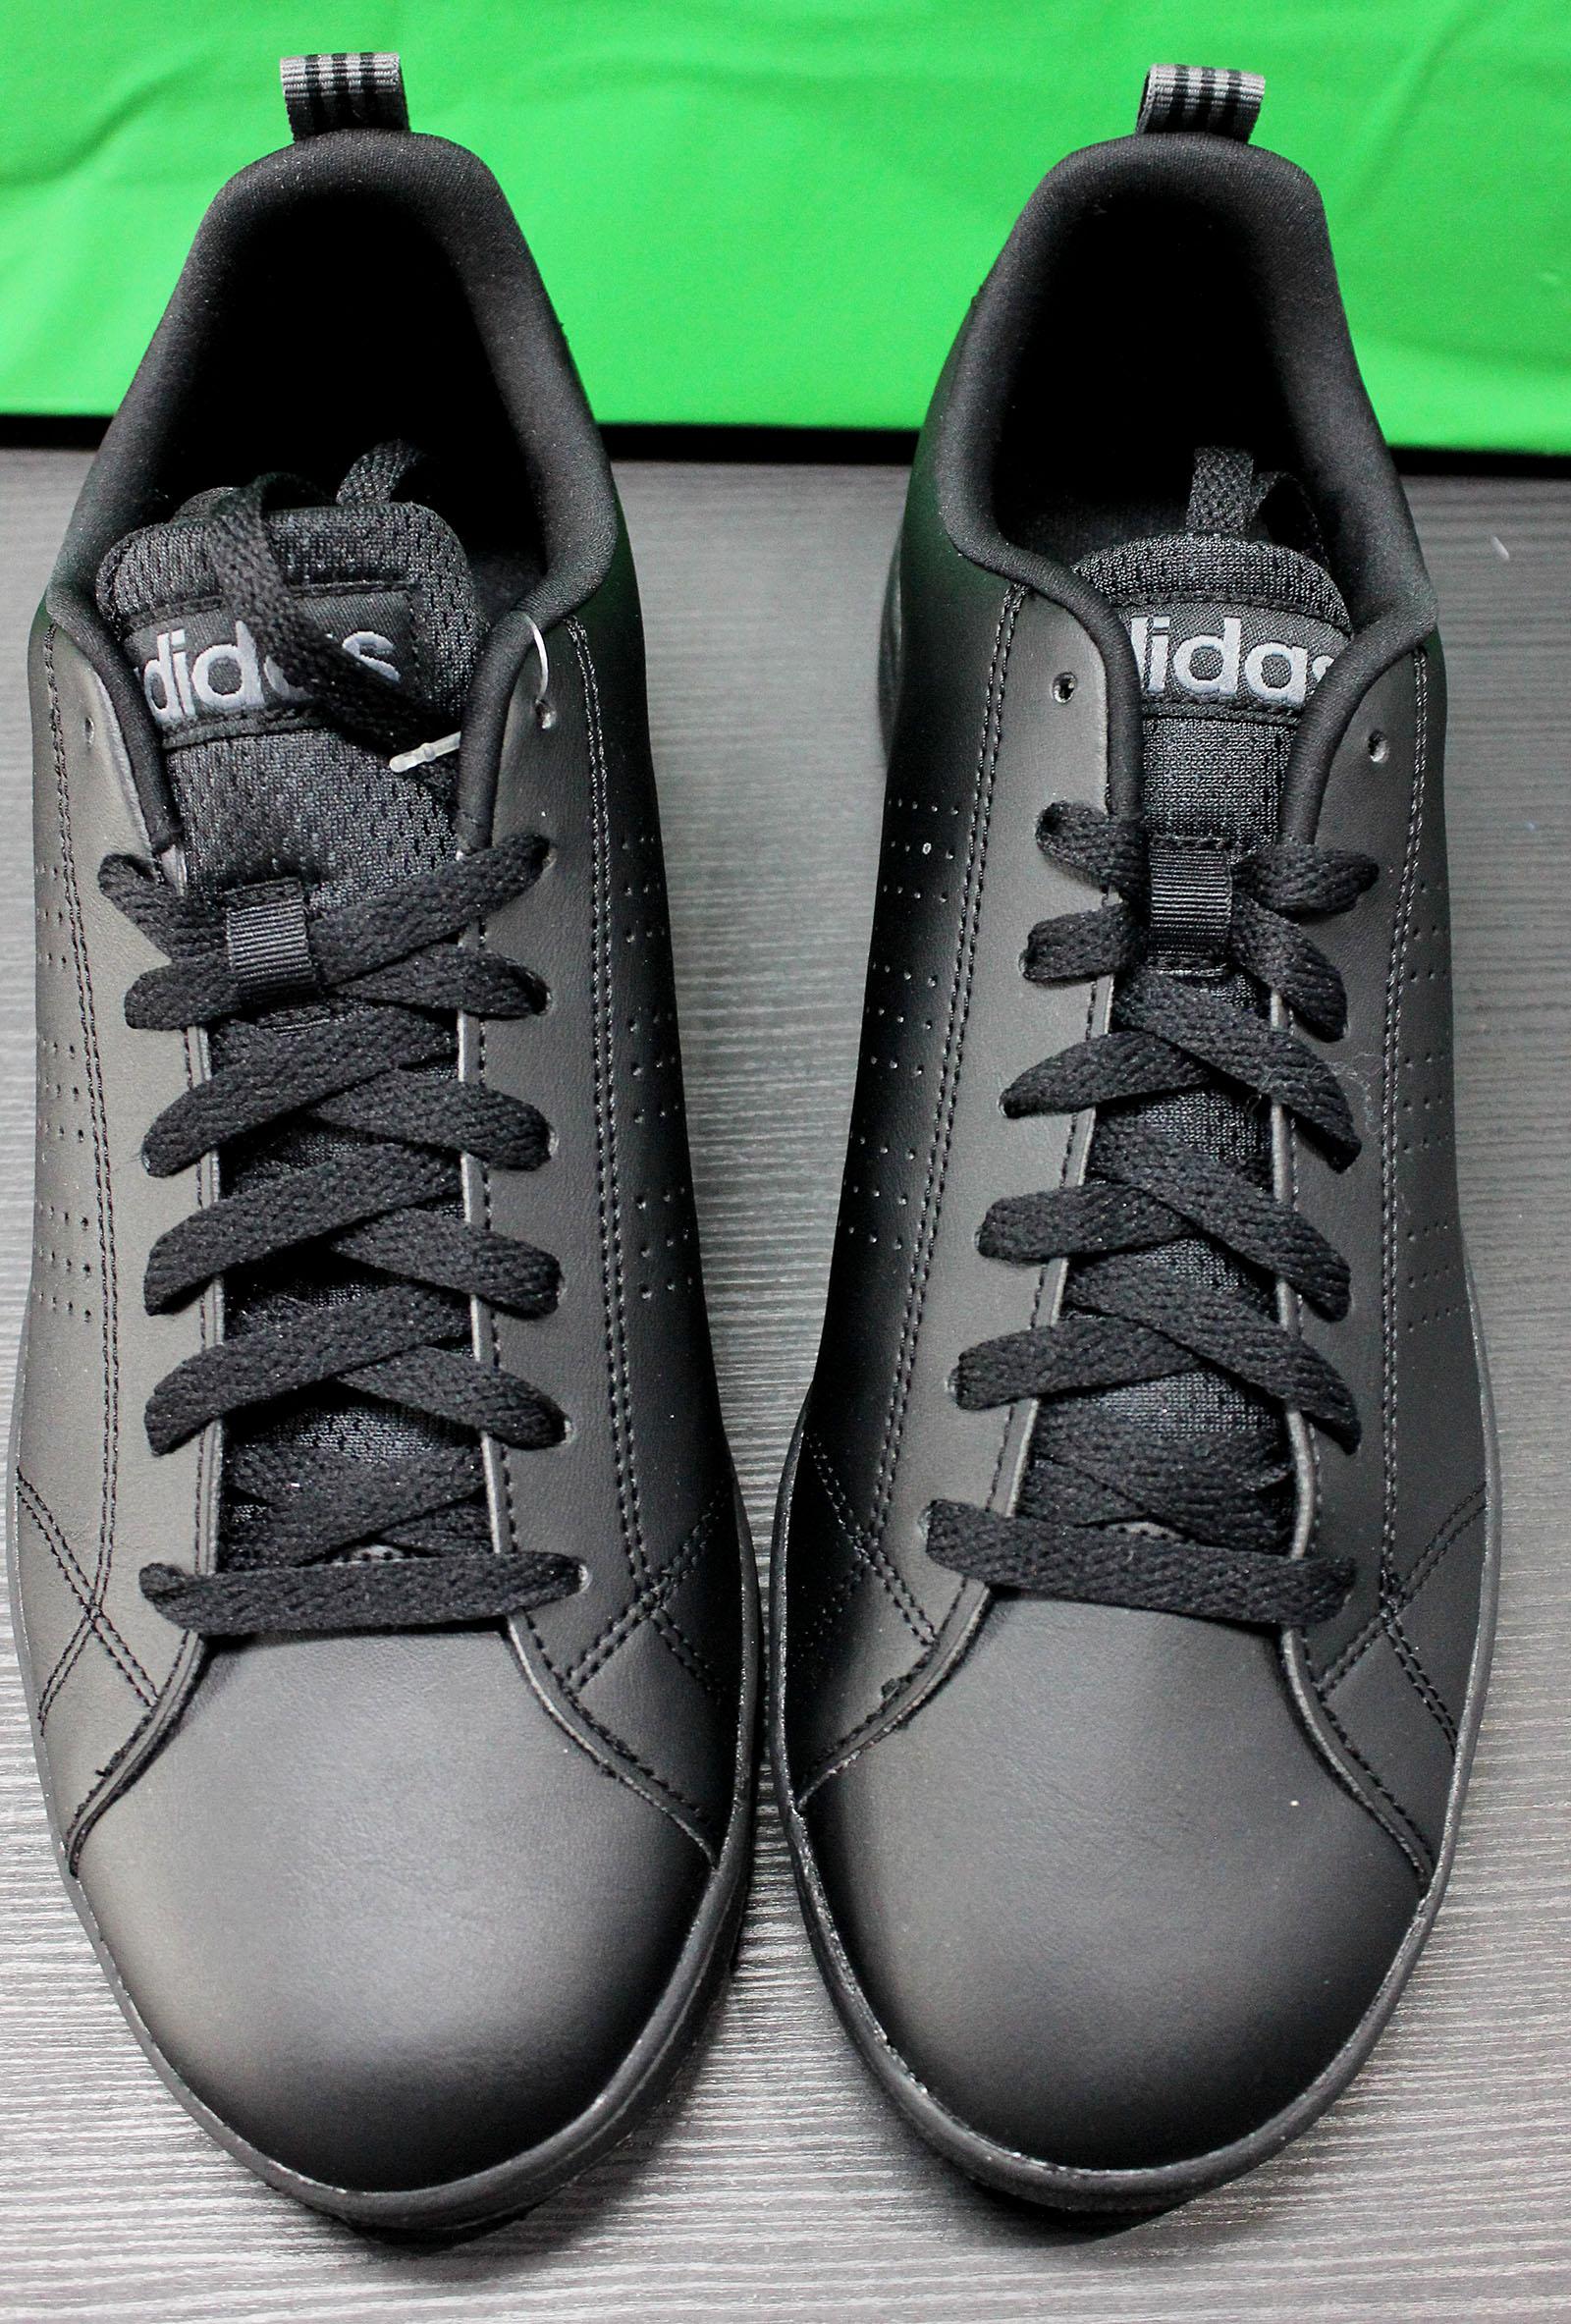 online store 89894 7be43 Adidas Scarpe Sneakers Sportive advantage Clean Nero 8 8 di 8 Vedi Altro